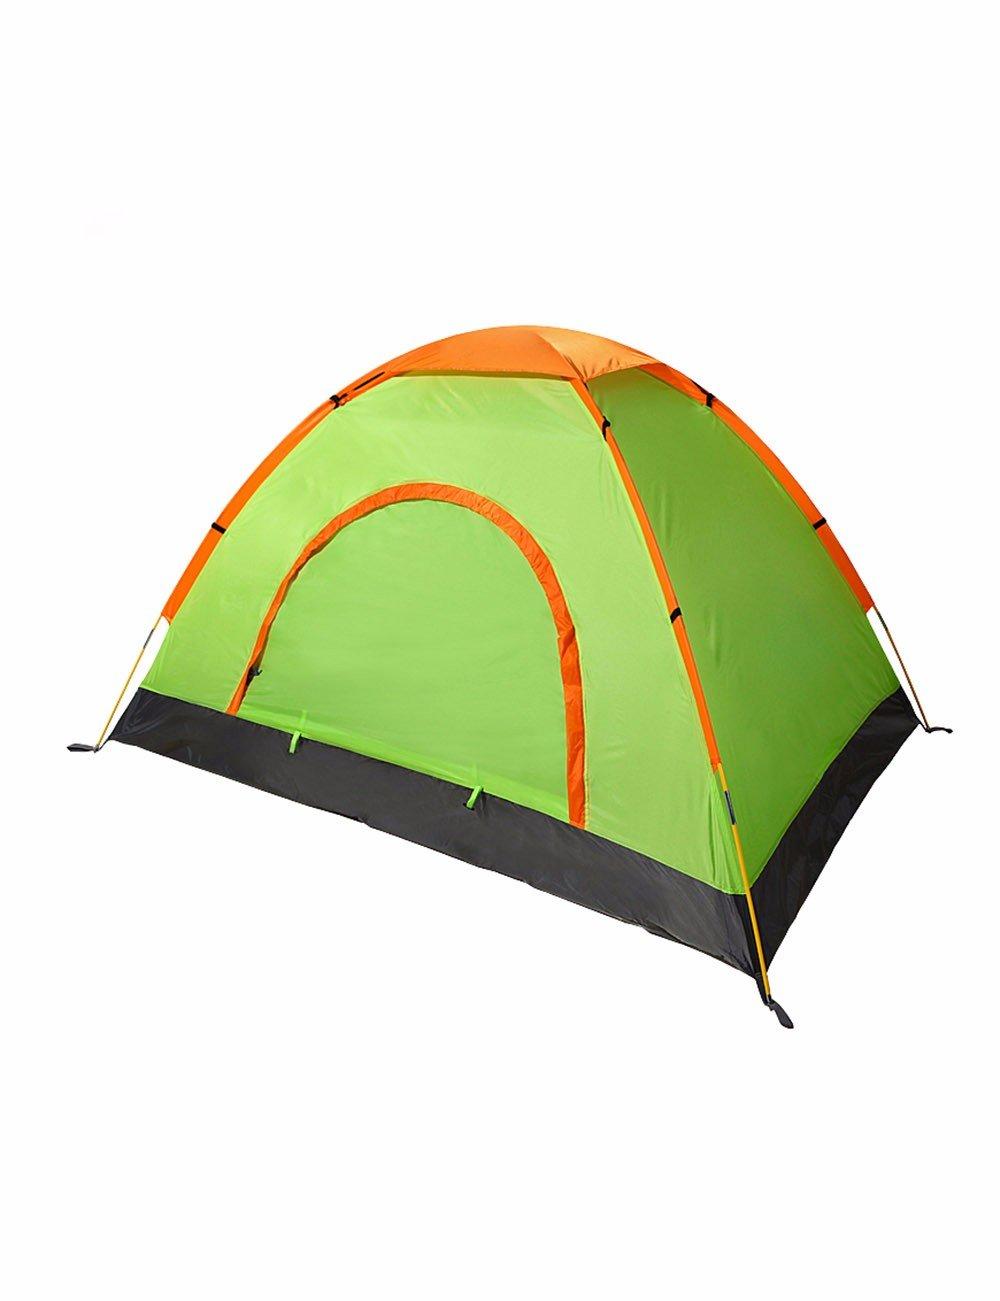 SJQKA-Zelt Outdoor Camping Doppel Tourismus Camping Outdoor Produkte dritten Quartal Zelt